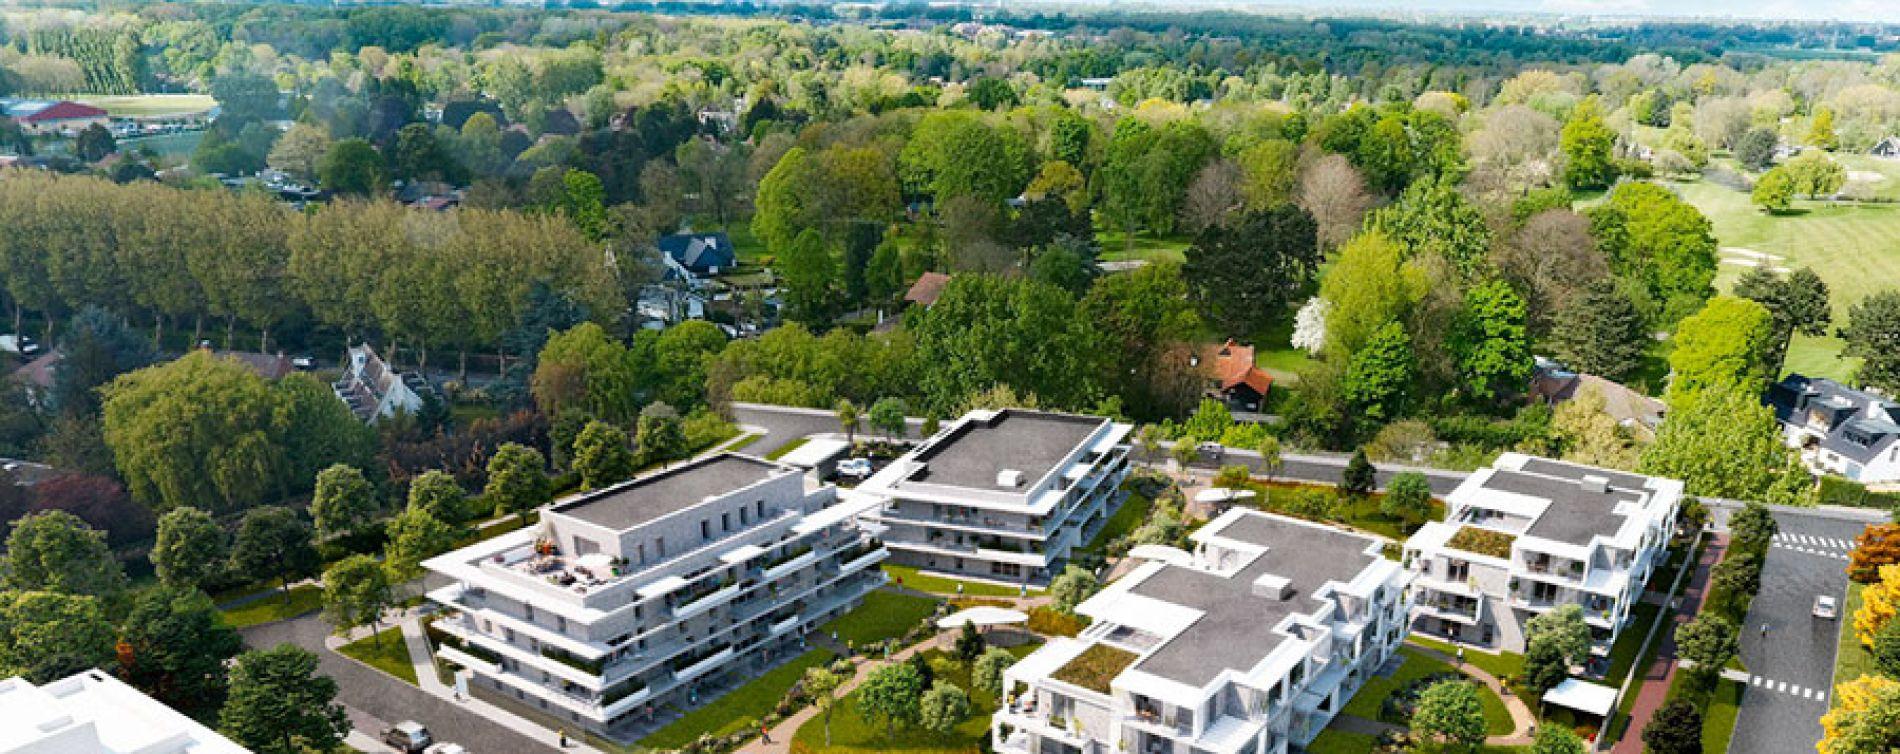 Résidence Domaine de Montalembert à Villeneuve-d'Ascq